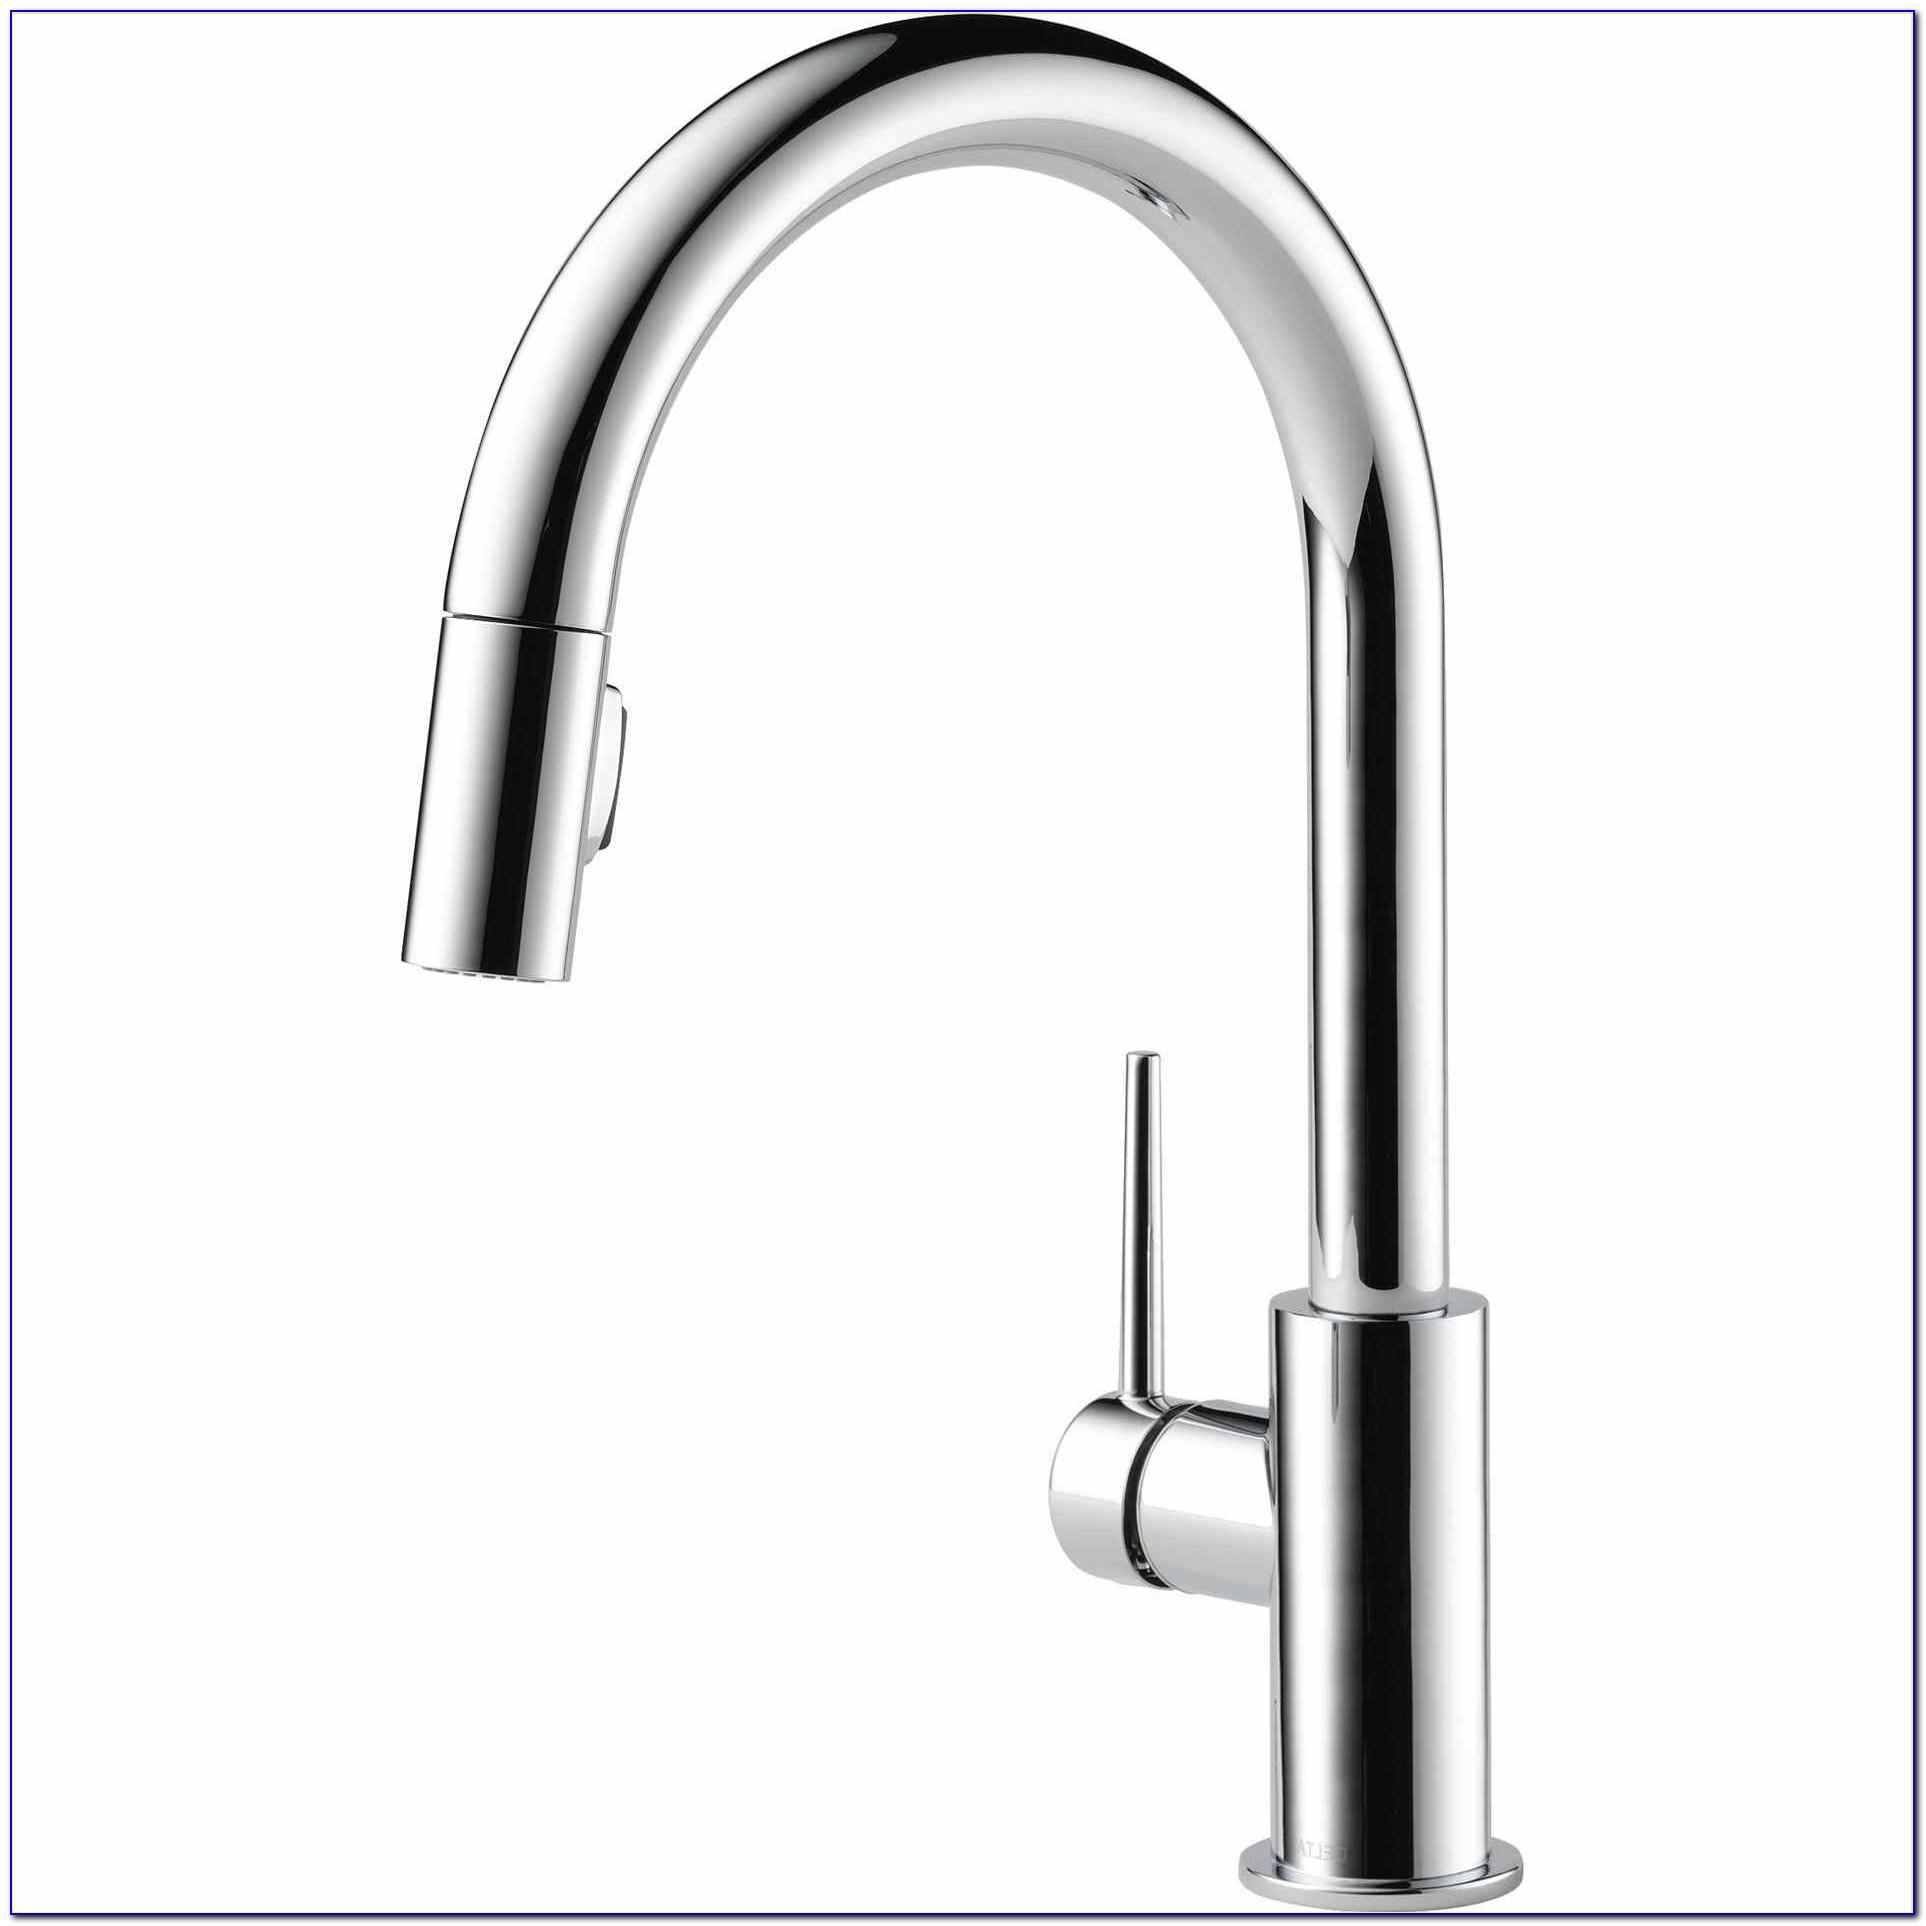 Delta Sink Faucet Models